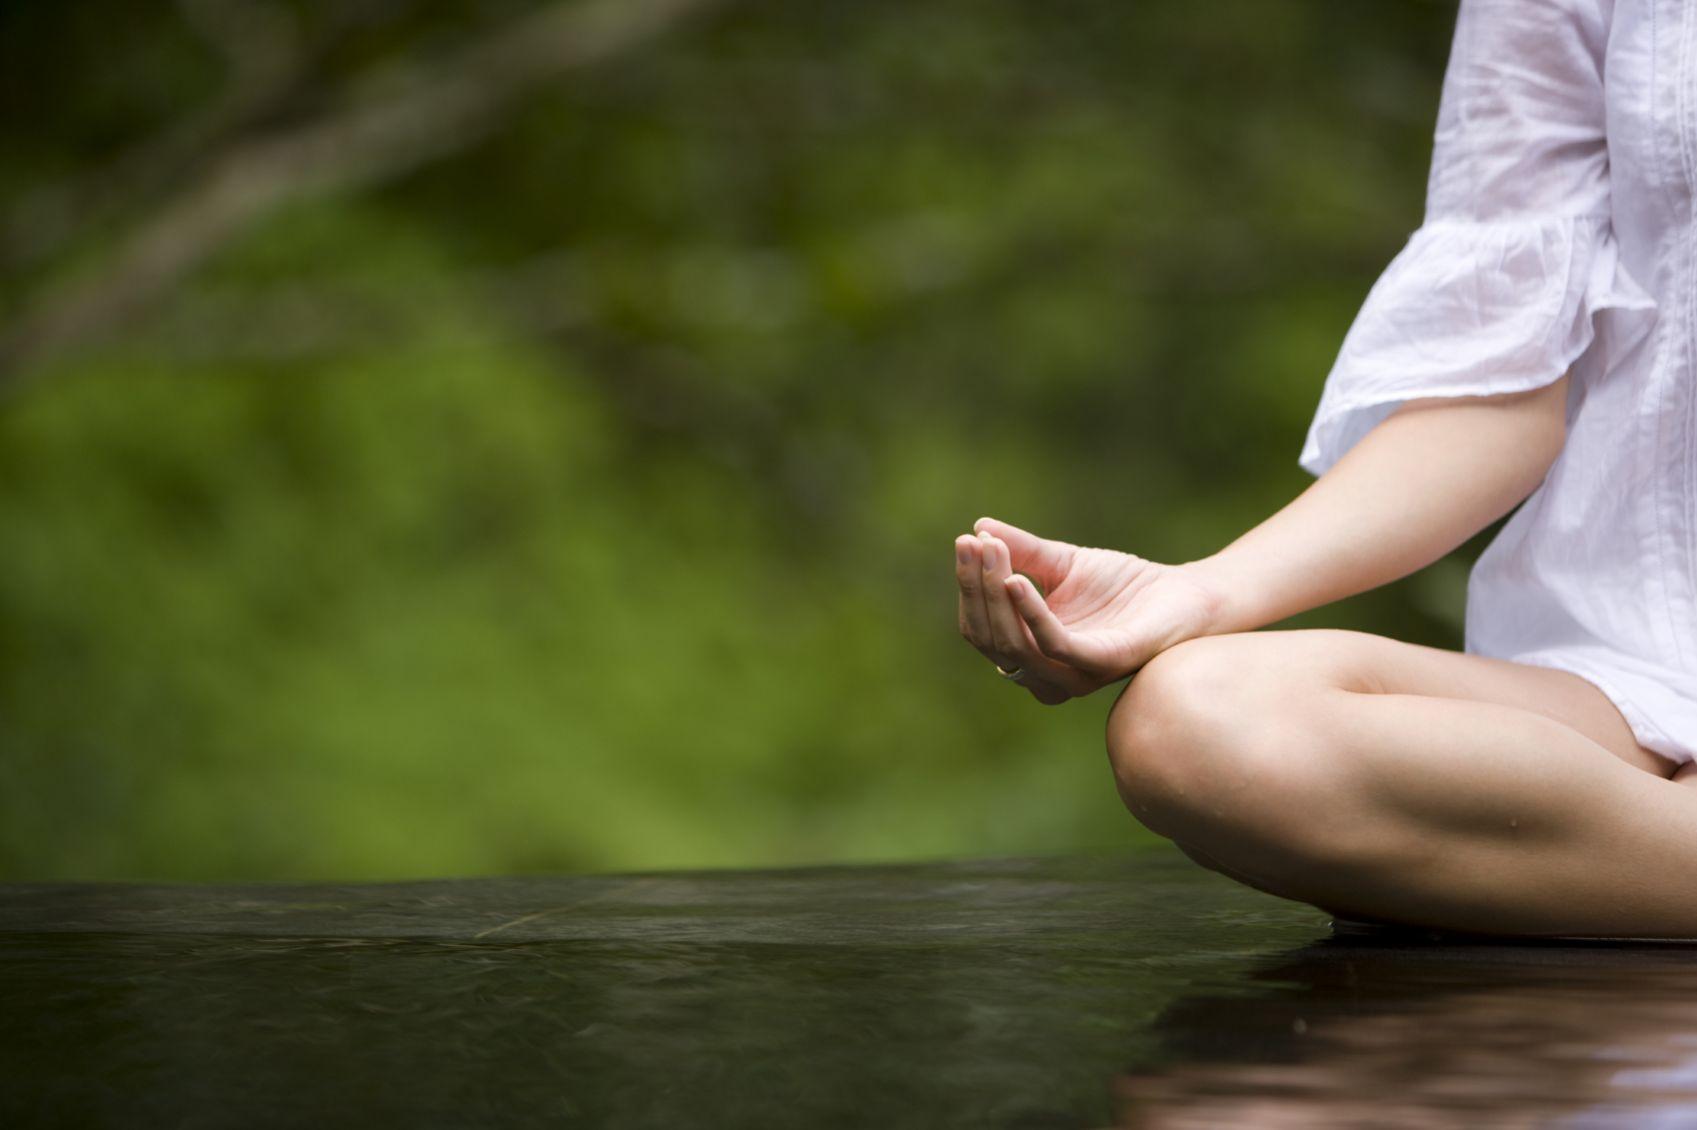 Actividades mejorar salud mental